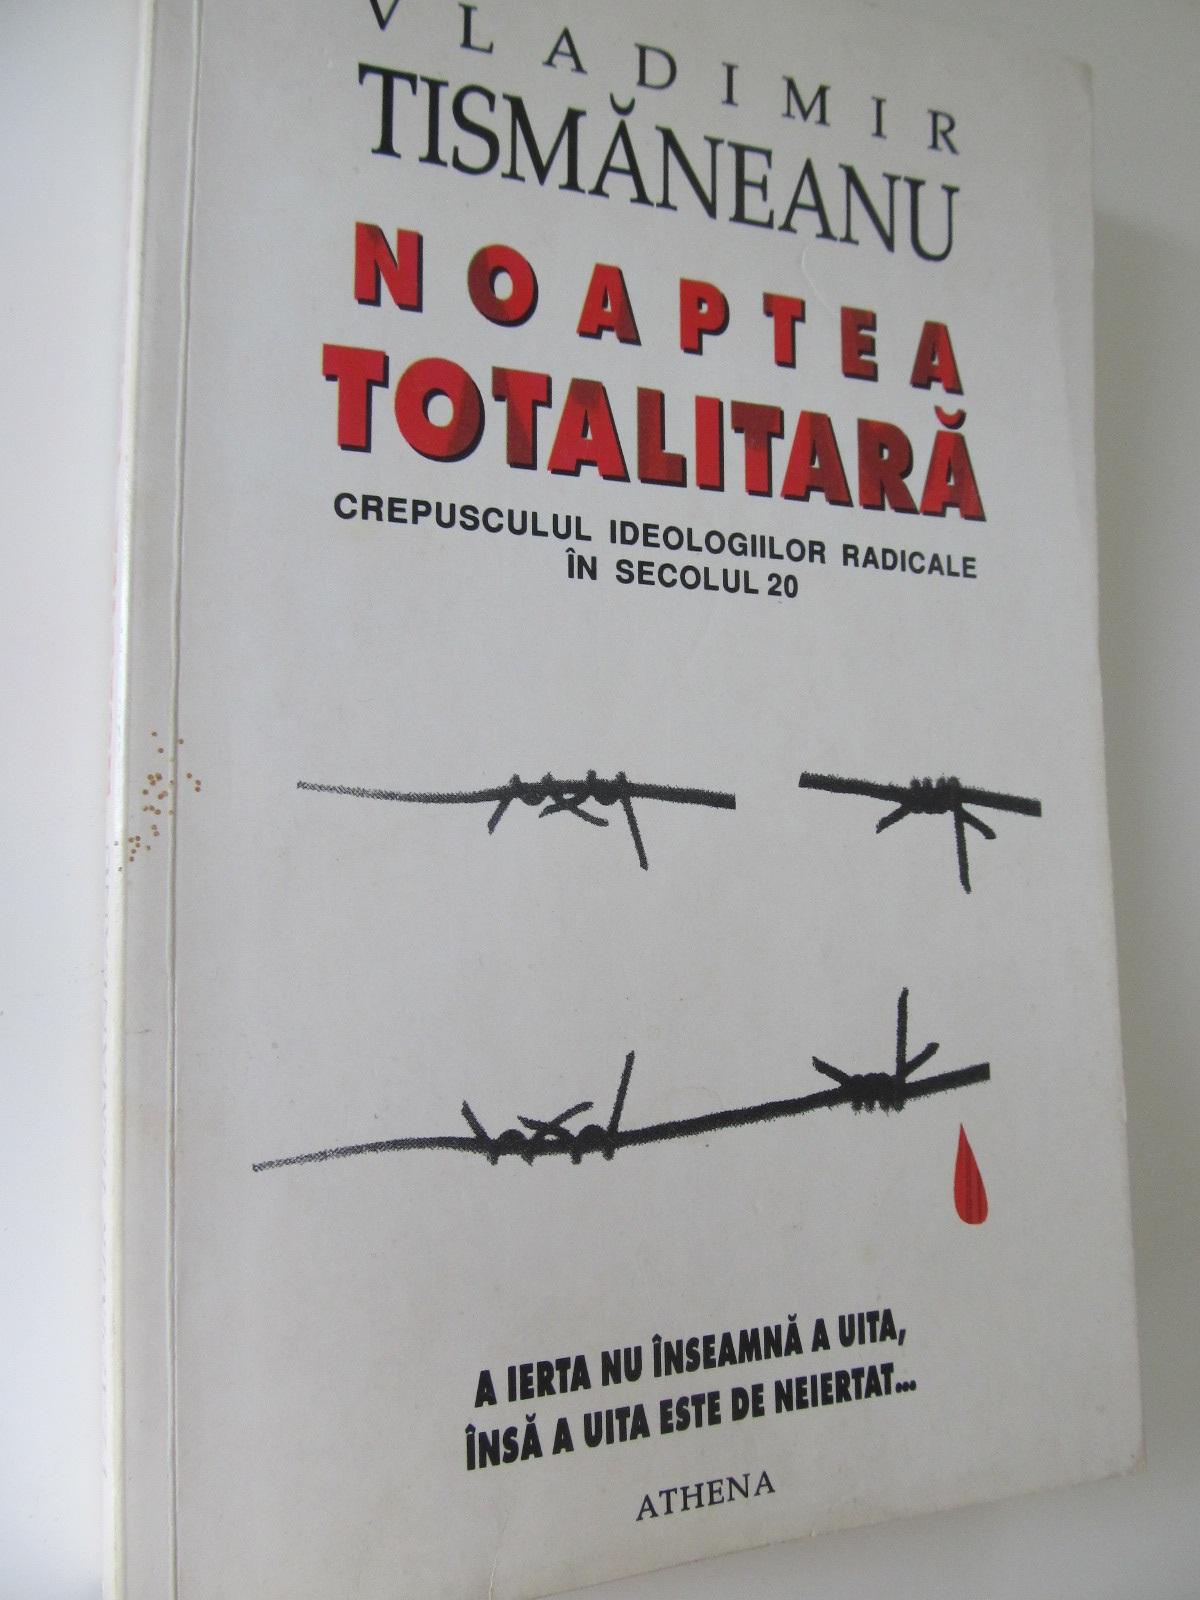 Carte Naoaptea totalitara - Vladimir Tismaneanu